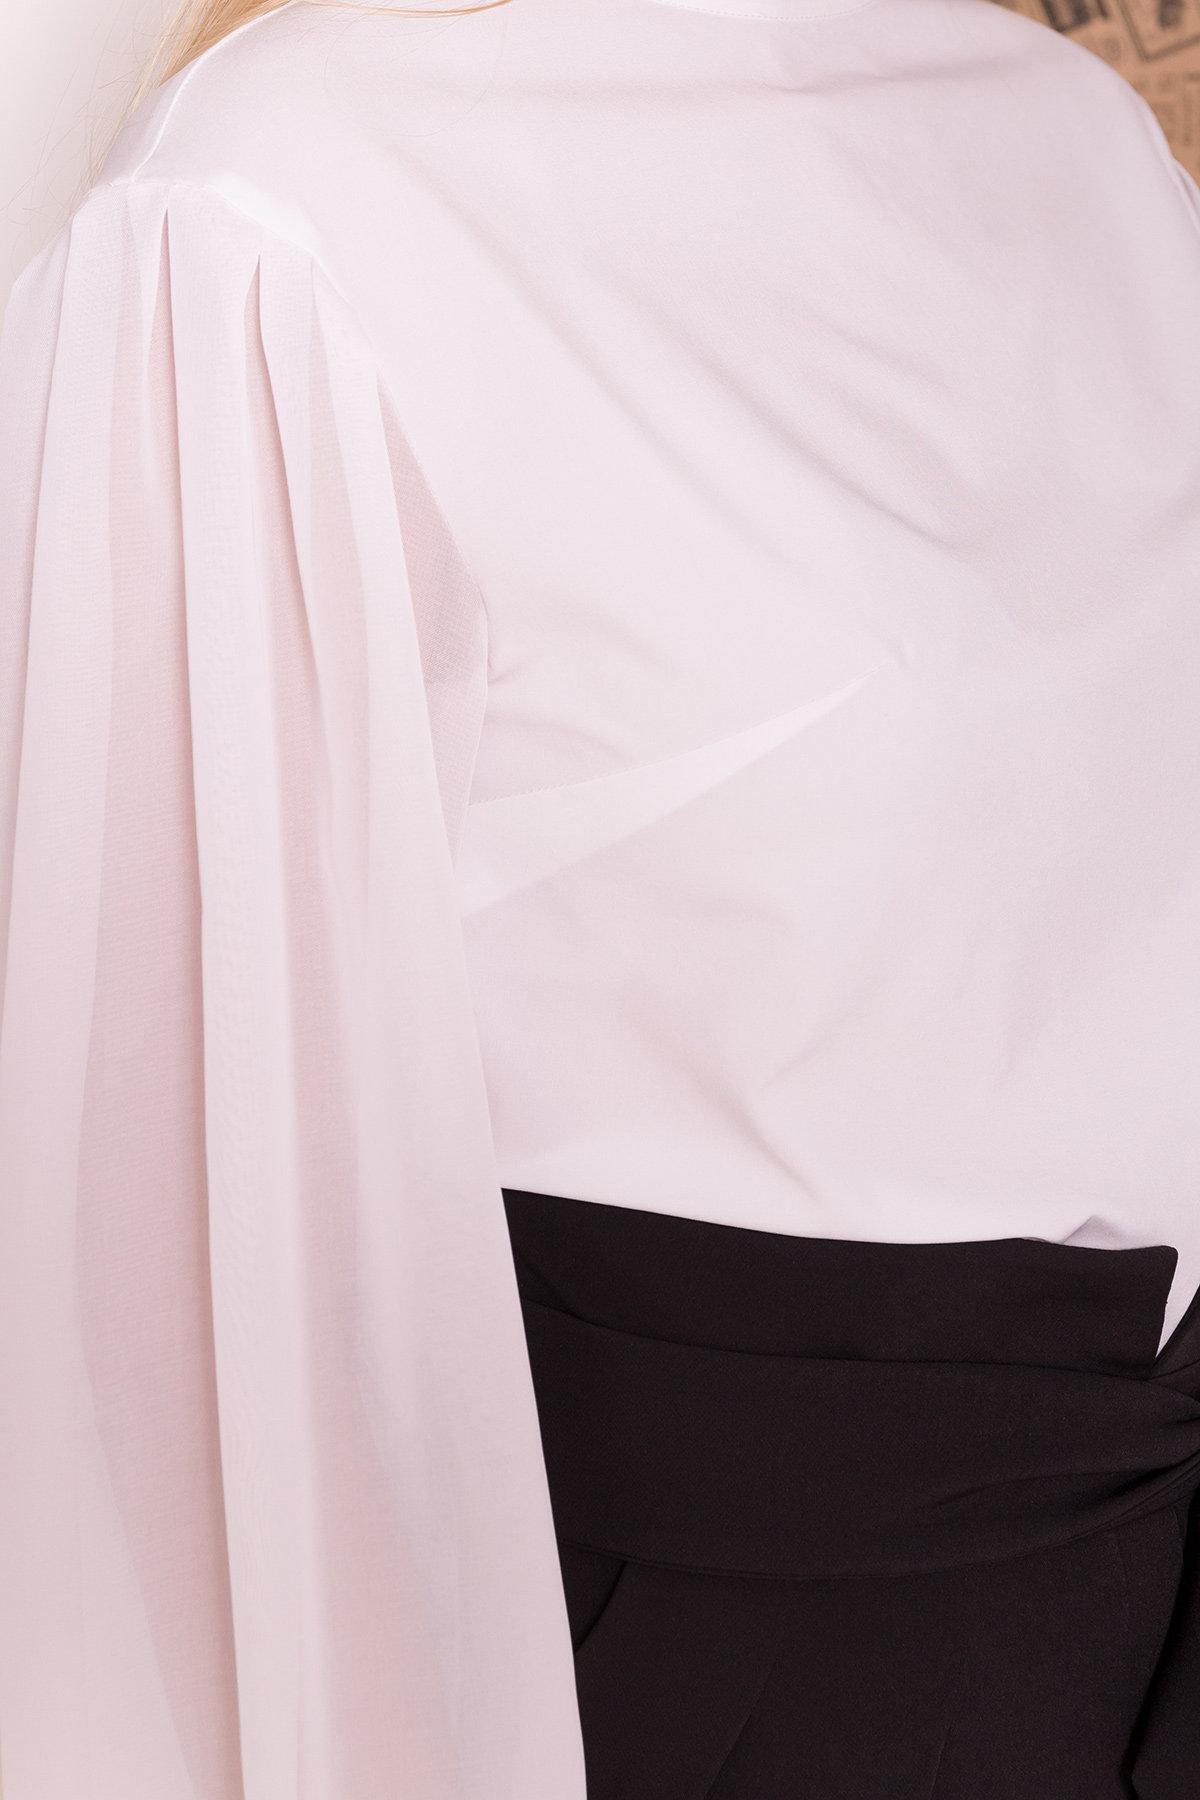 Блуза Сейшил 7746 АРТ. 43641 Цвет: Белый - фото 5, интернет магазин tm-modus.ru